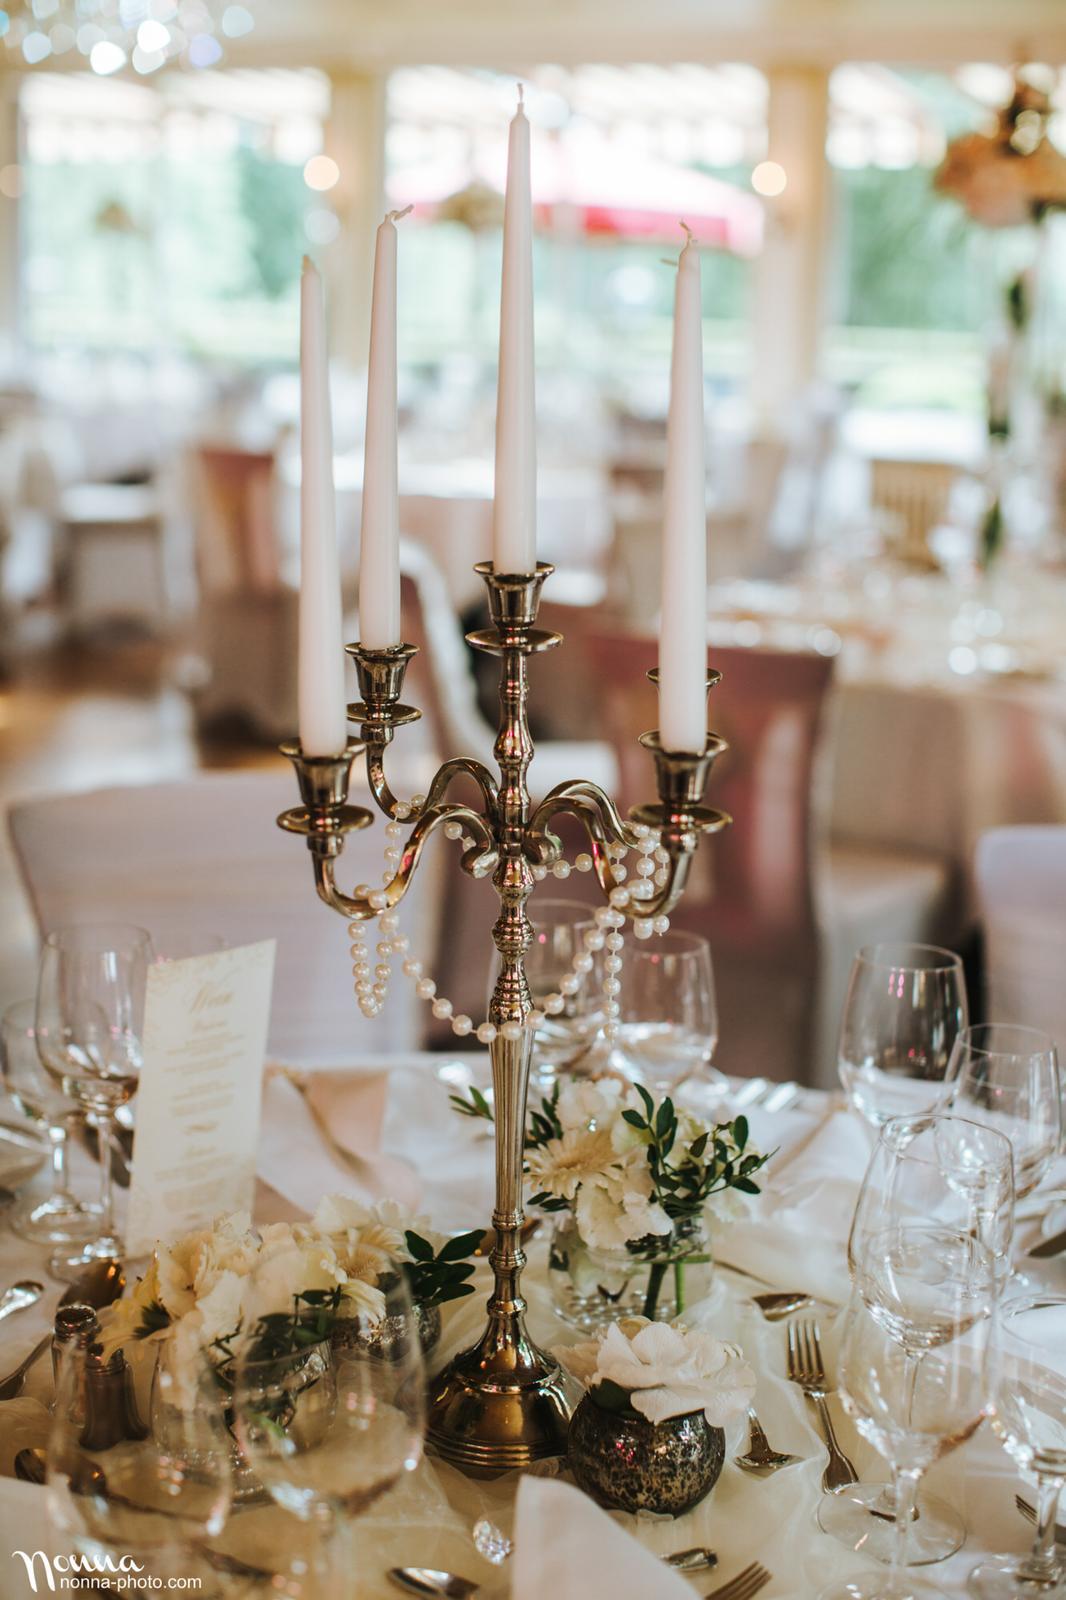 Hochzeit in Haus Stolzenbach, Foto: nonna-photo.com